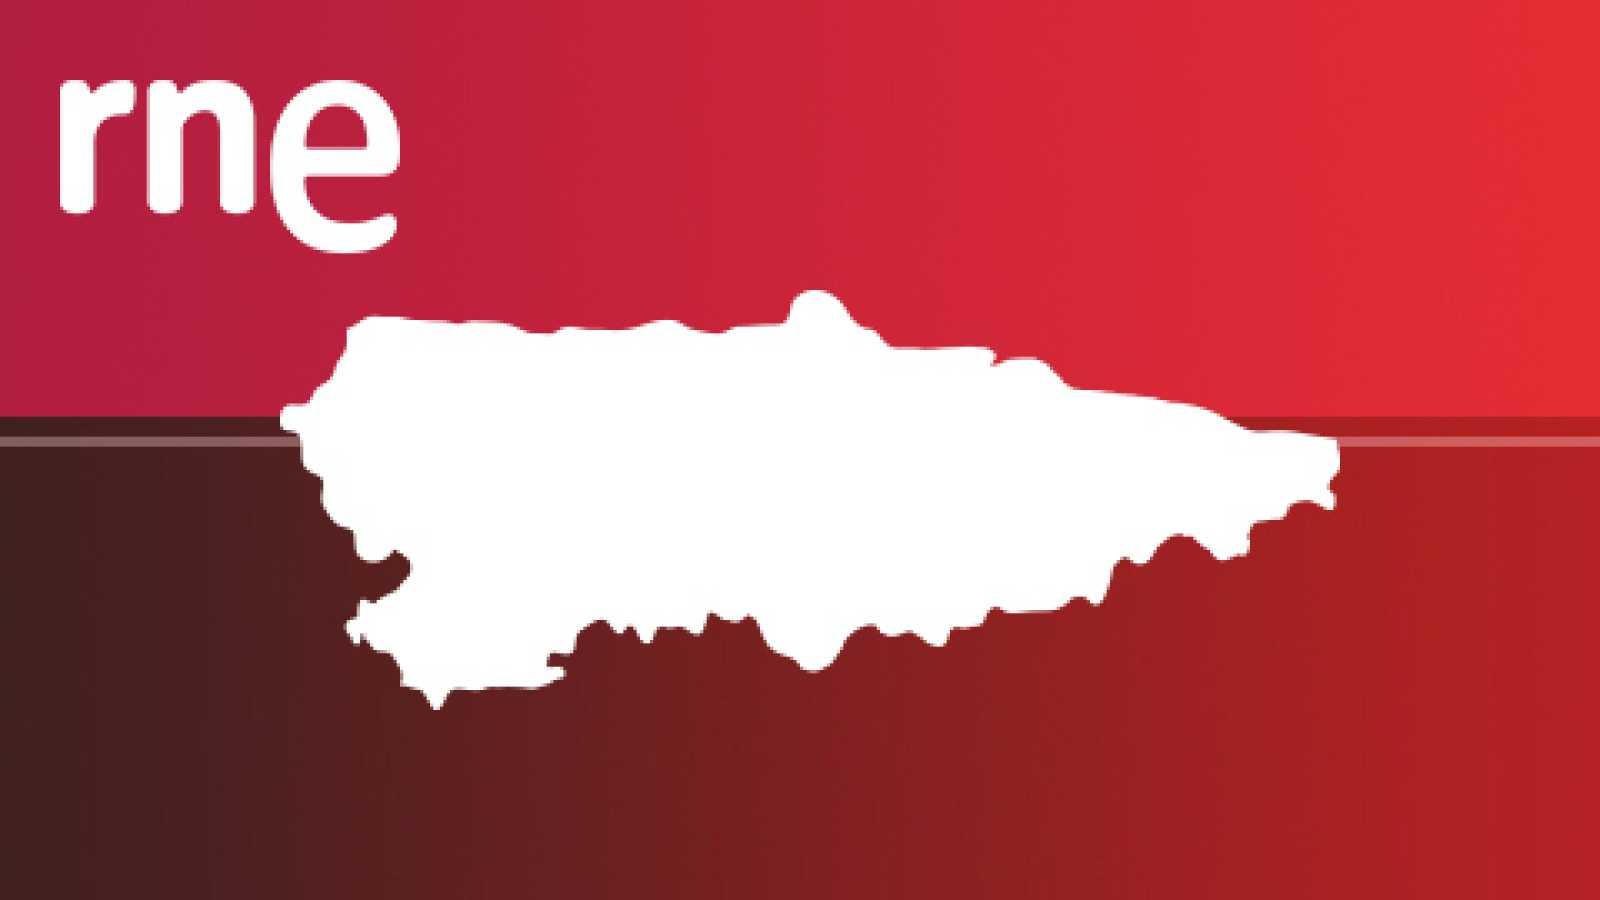 Crónica de Asturias -  El Principado presentará alegaciones al estatuto de las electrointensivas - 19/02/20. Escuchar ahora.